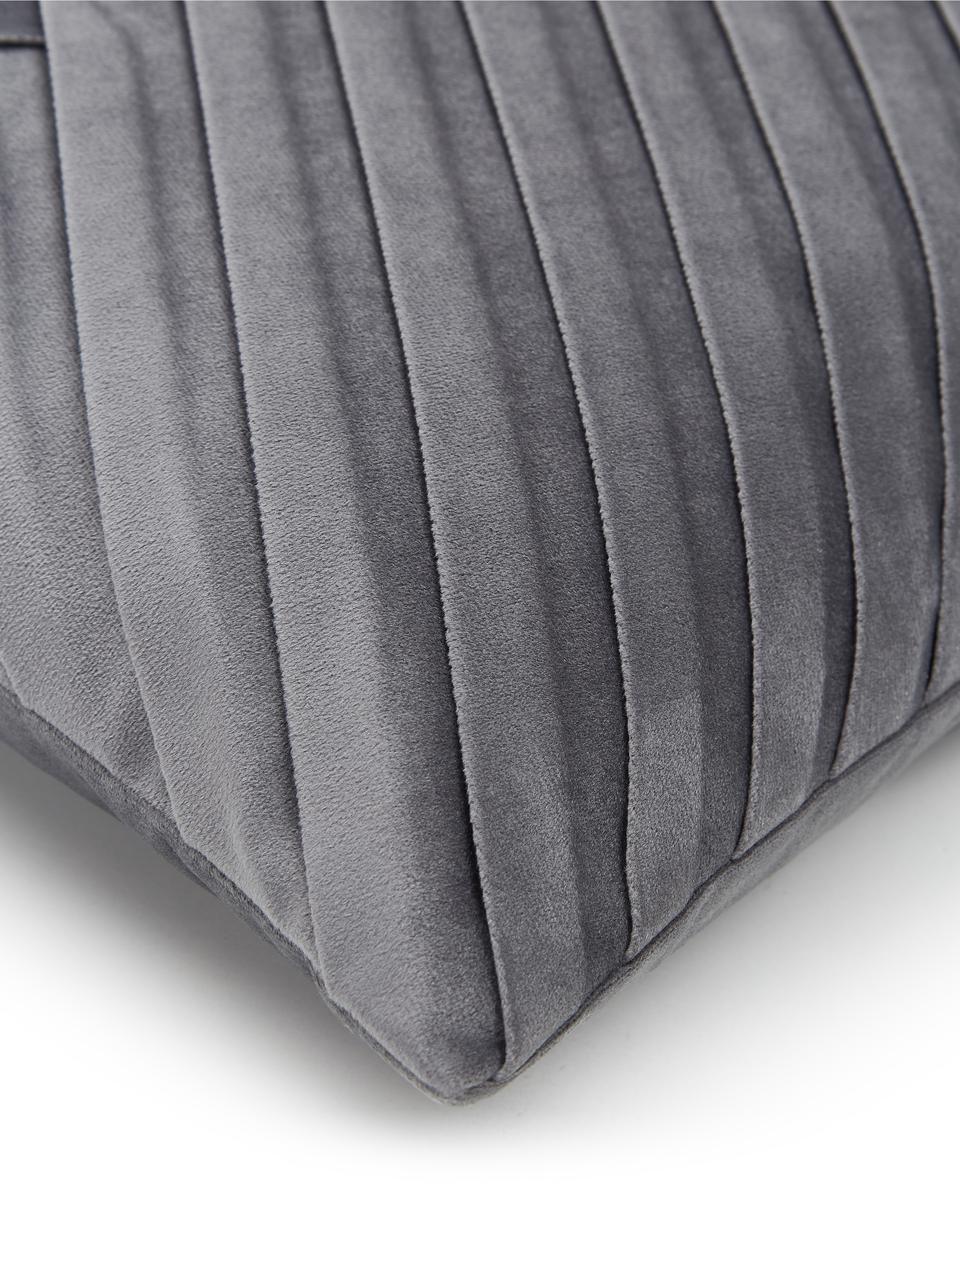 Samt-Kissenhülle Lucie in Dunkelgrau mit Struktur-Oberfläche, 100% Samt (Polyester), Dunkelgrau, 45 x 45 cm